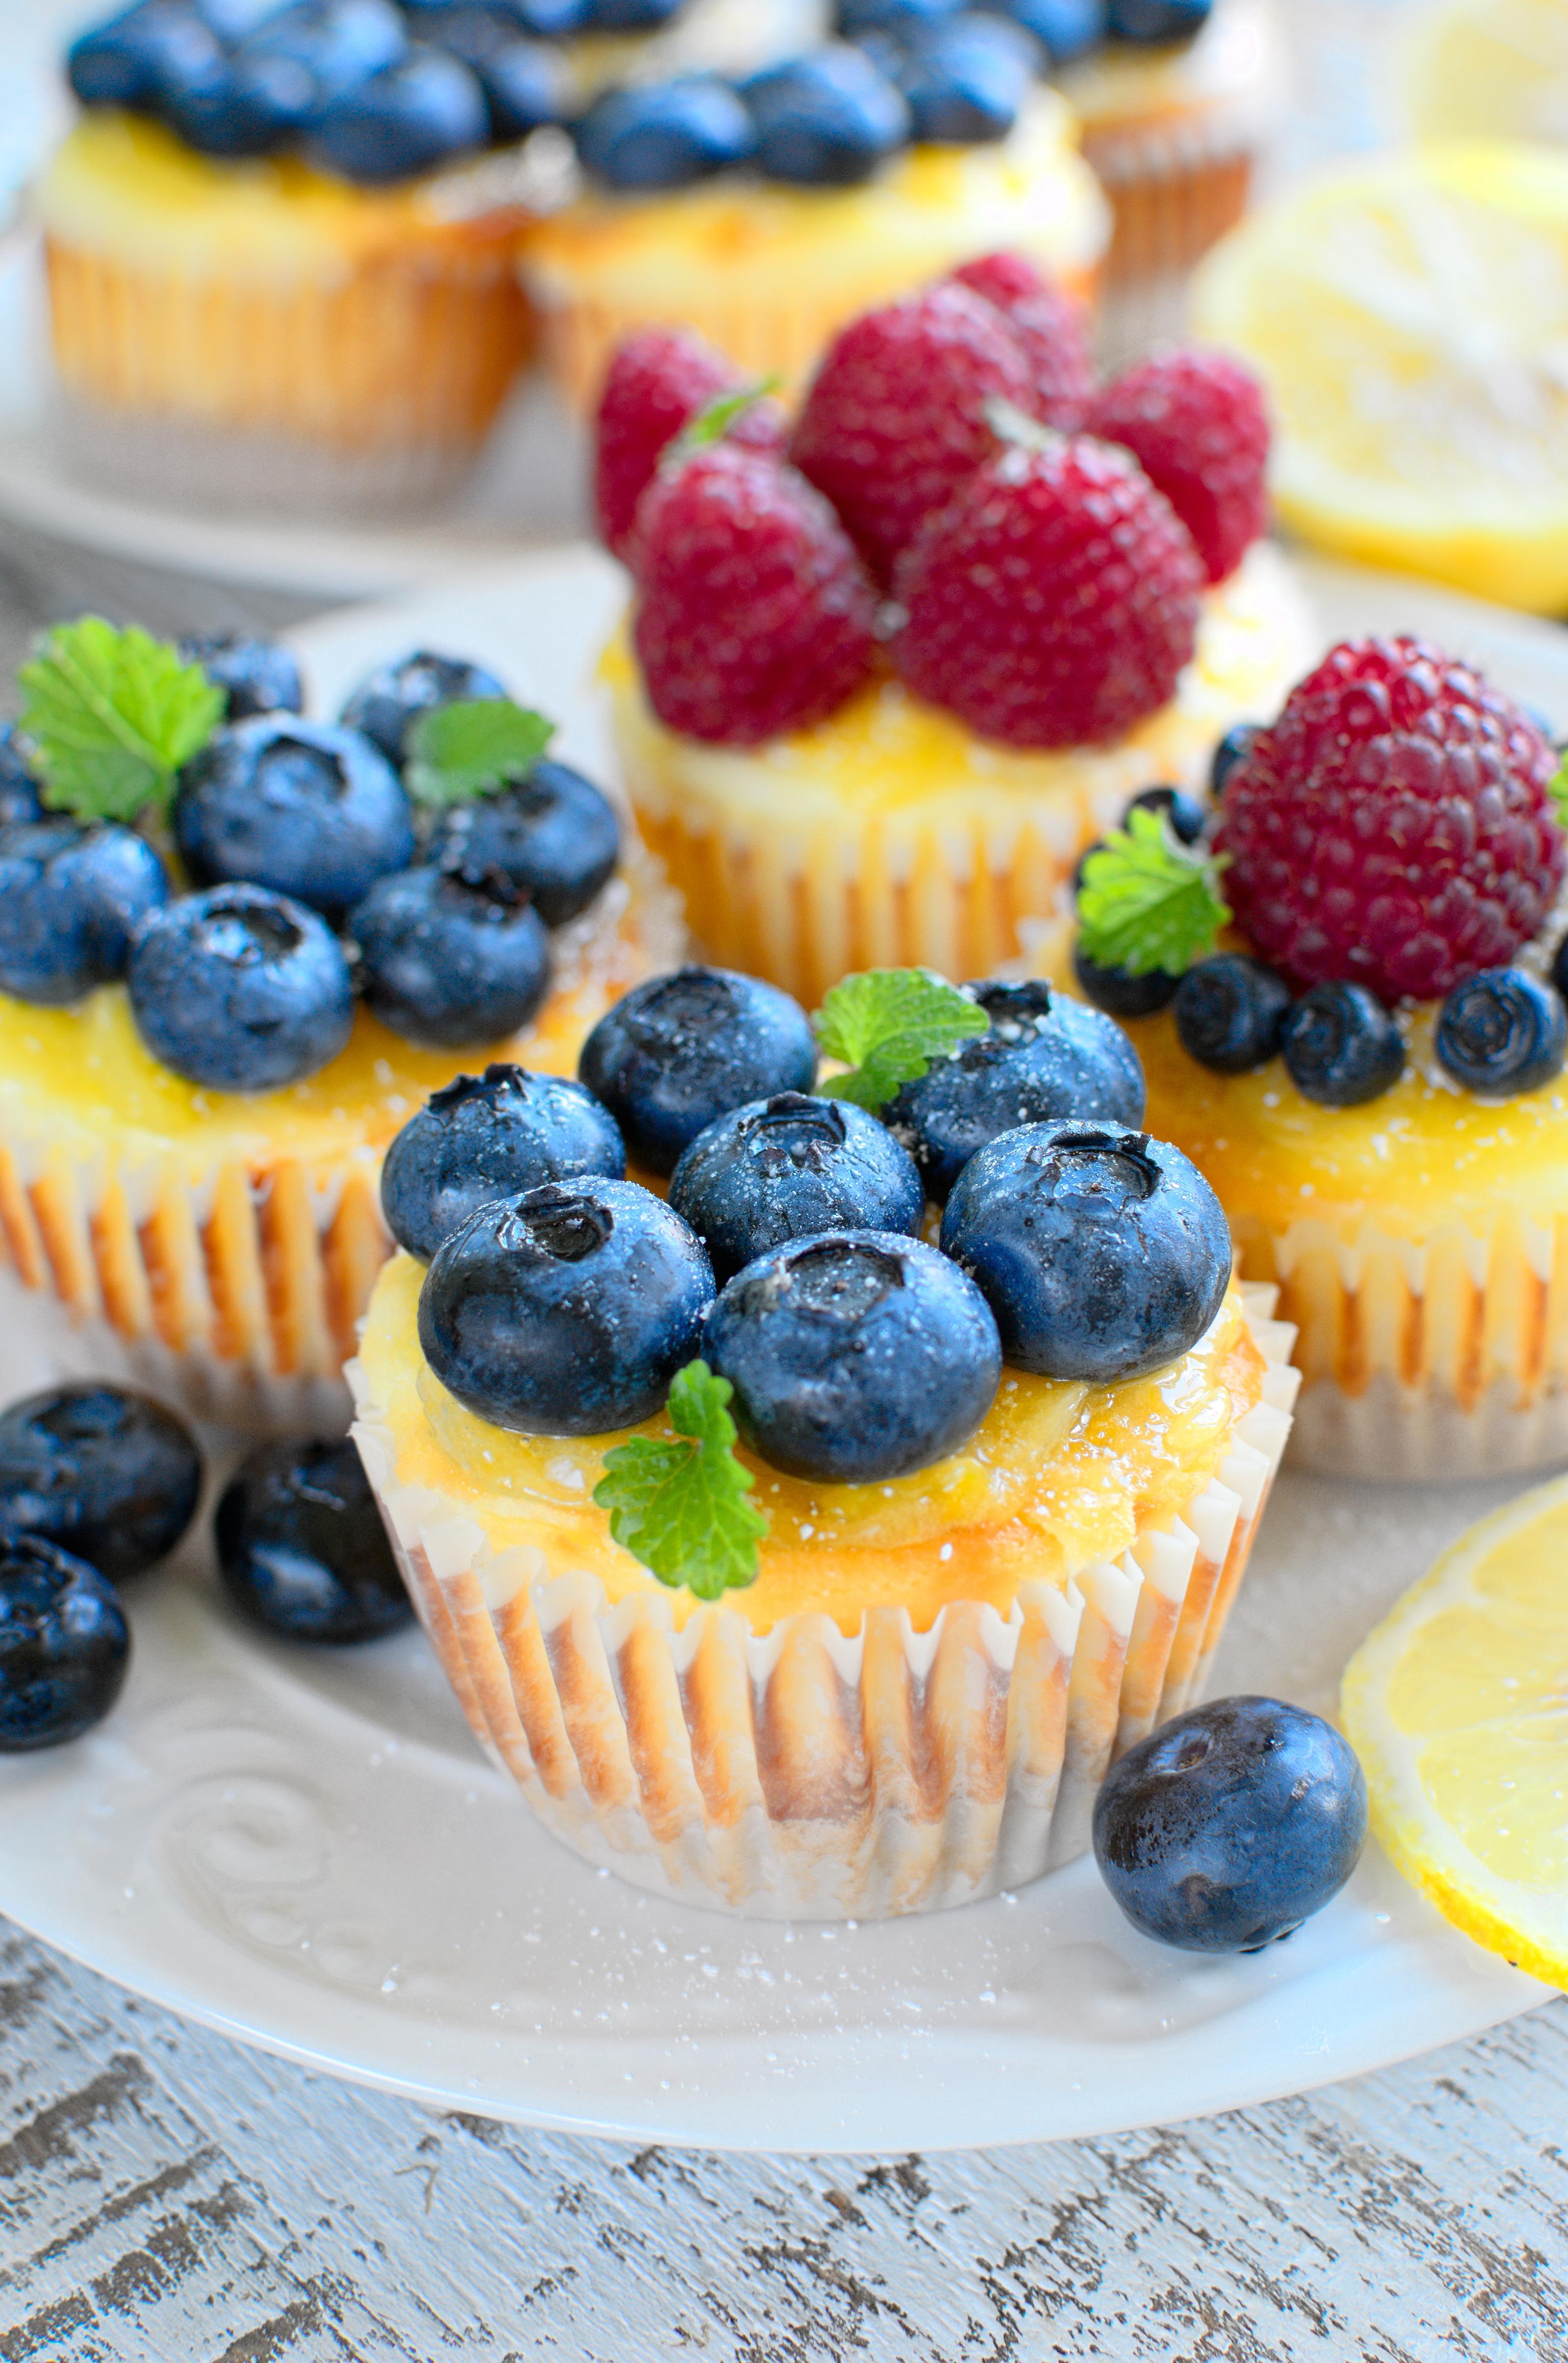 Serniczki z kremem cytrynowym i owocami jagodowymi